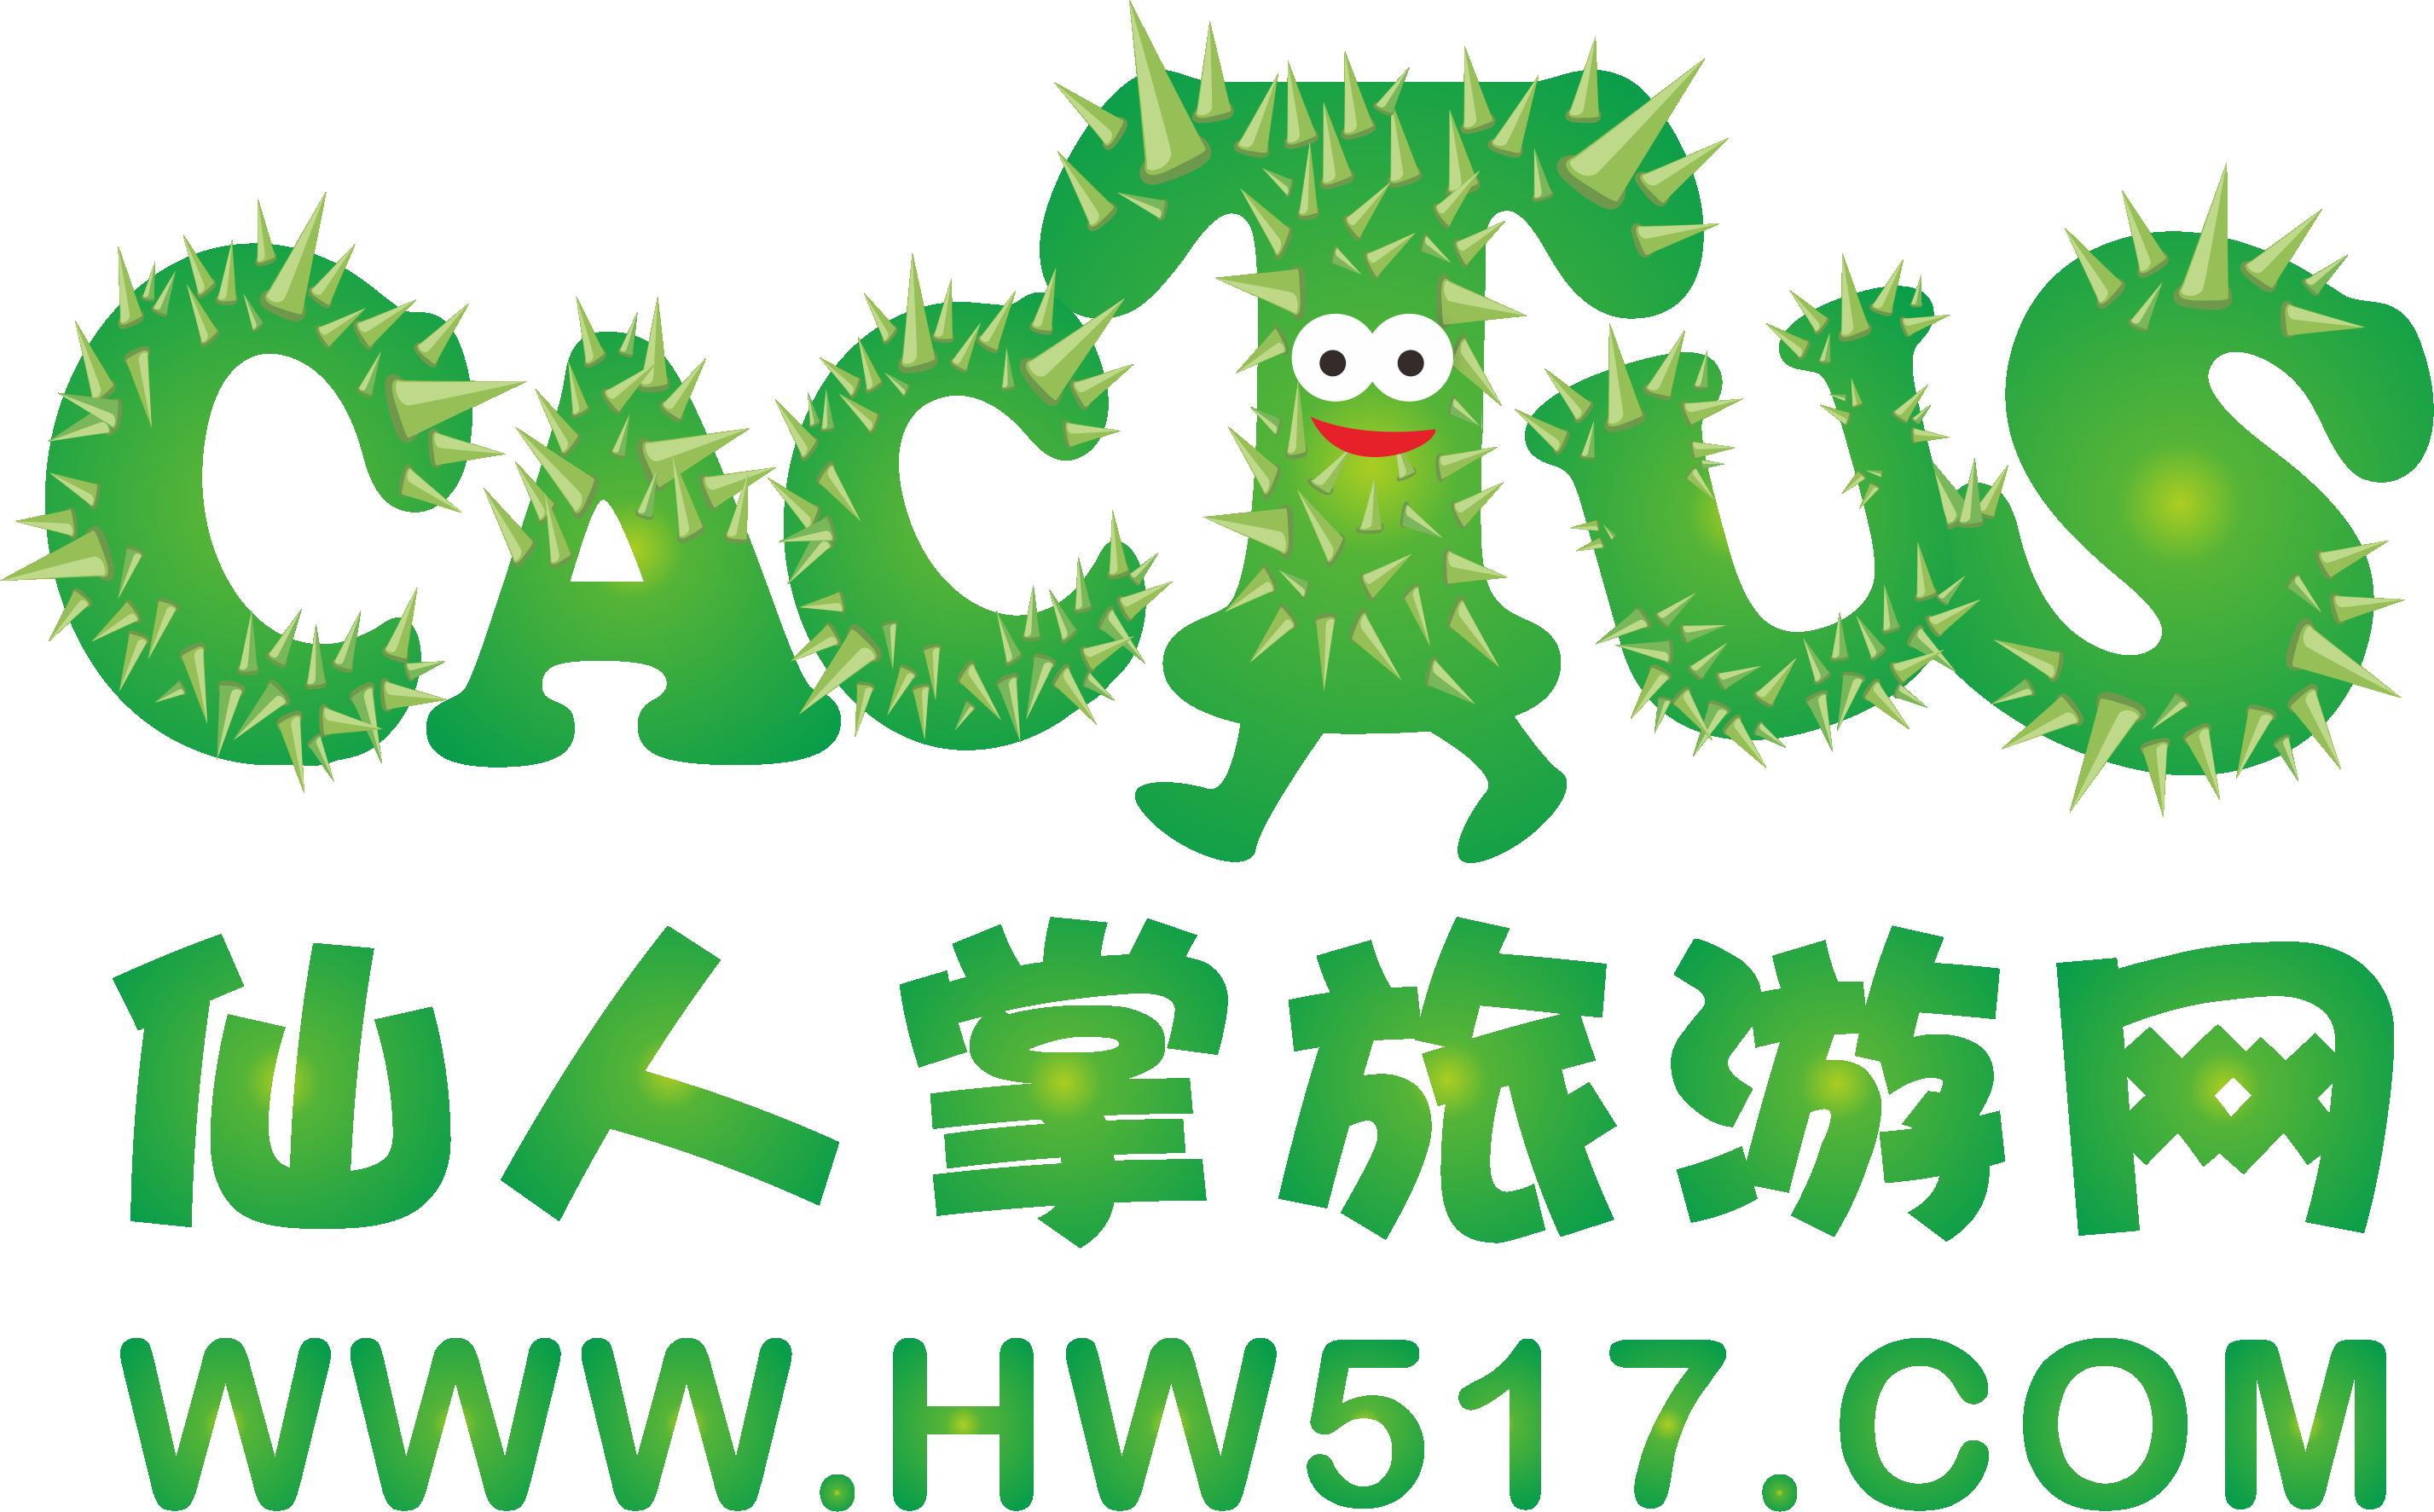 【仙人掌旅游】天台山、国清寺、琼台仙谷、蜜桔采特价二日游